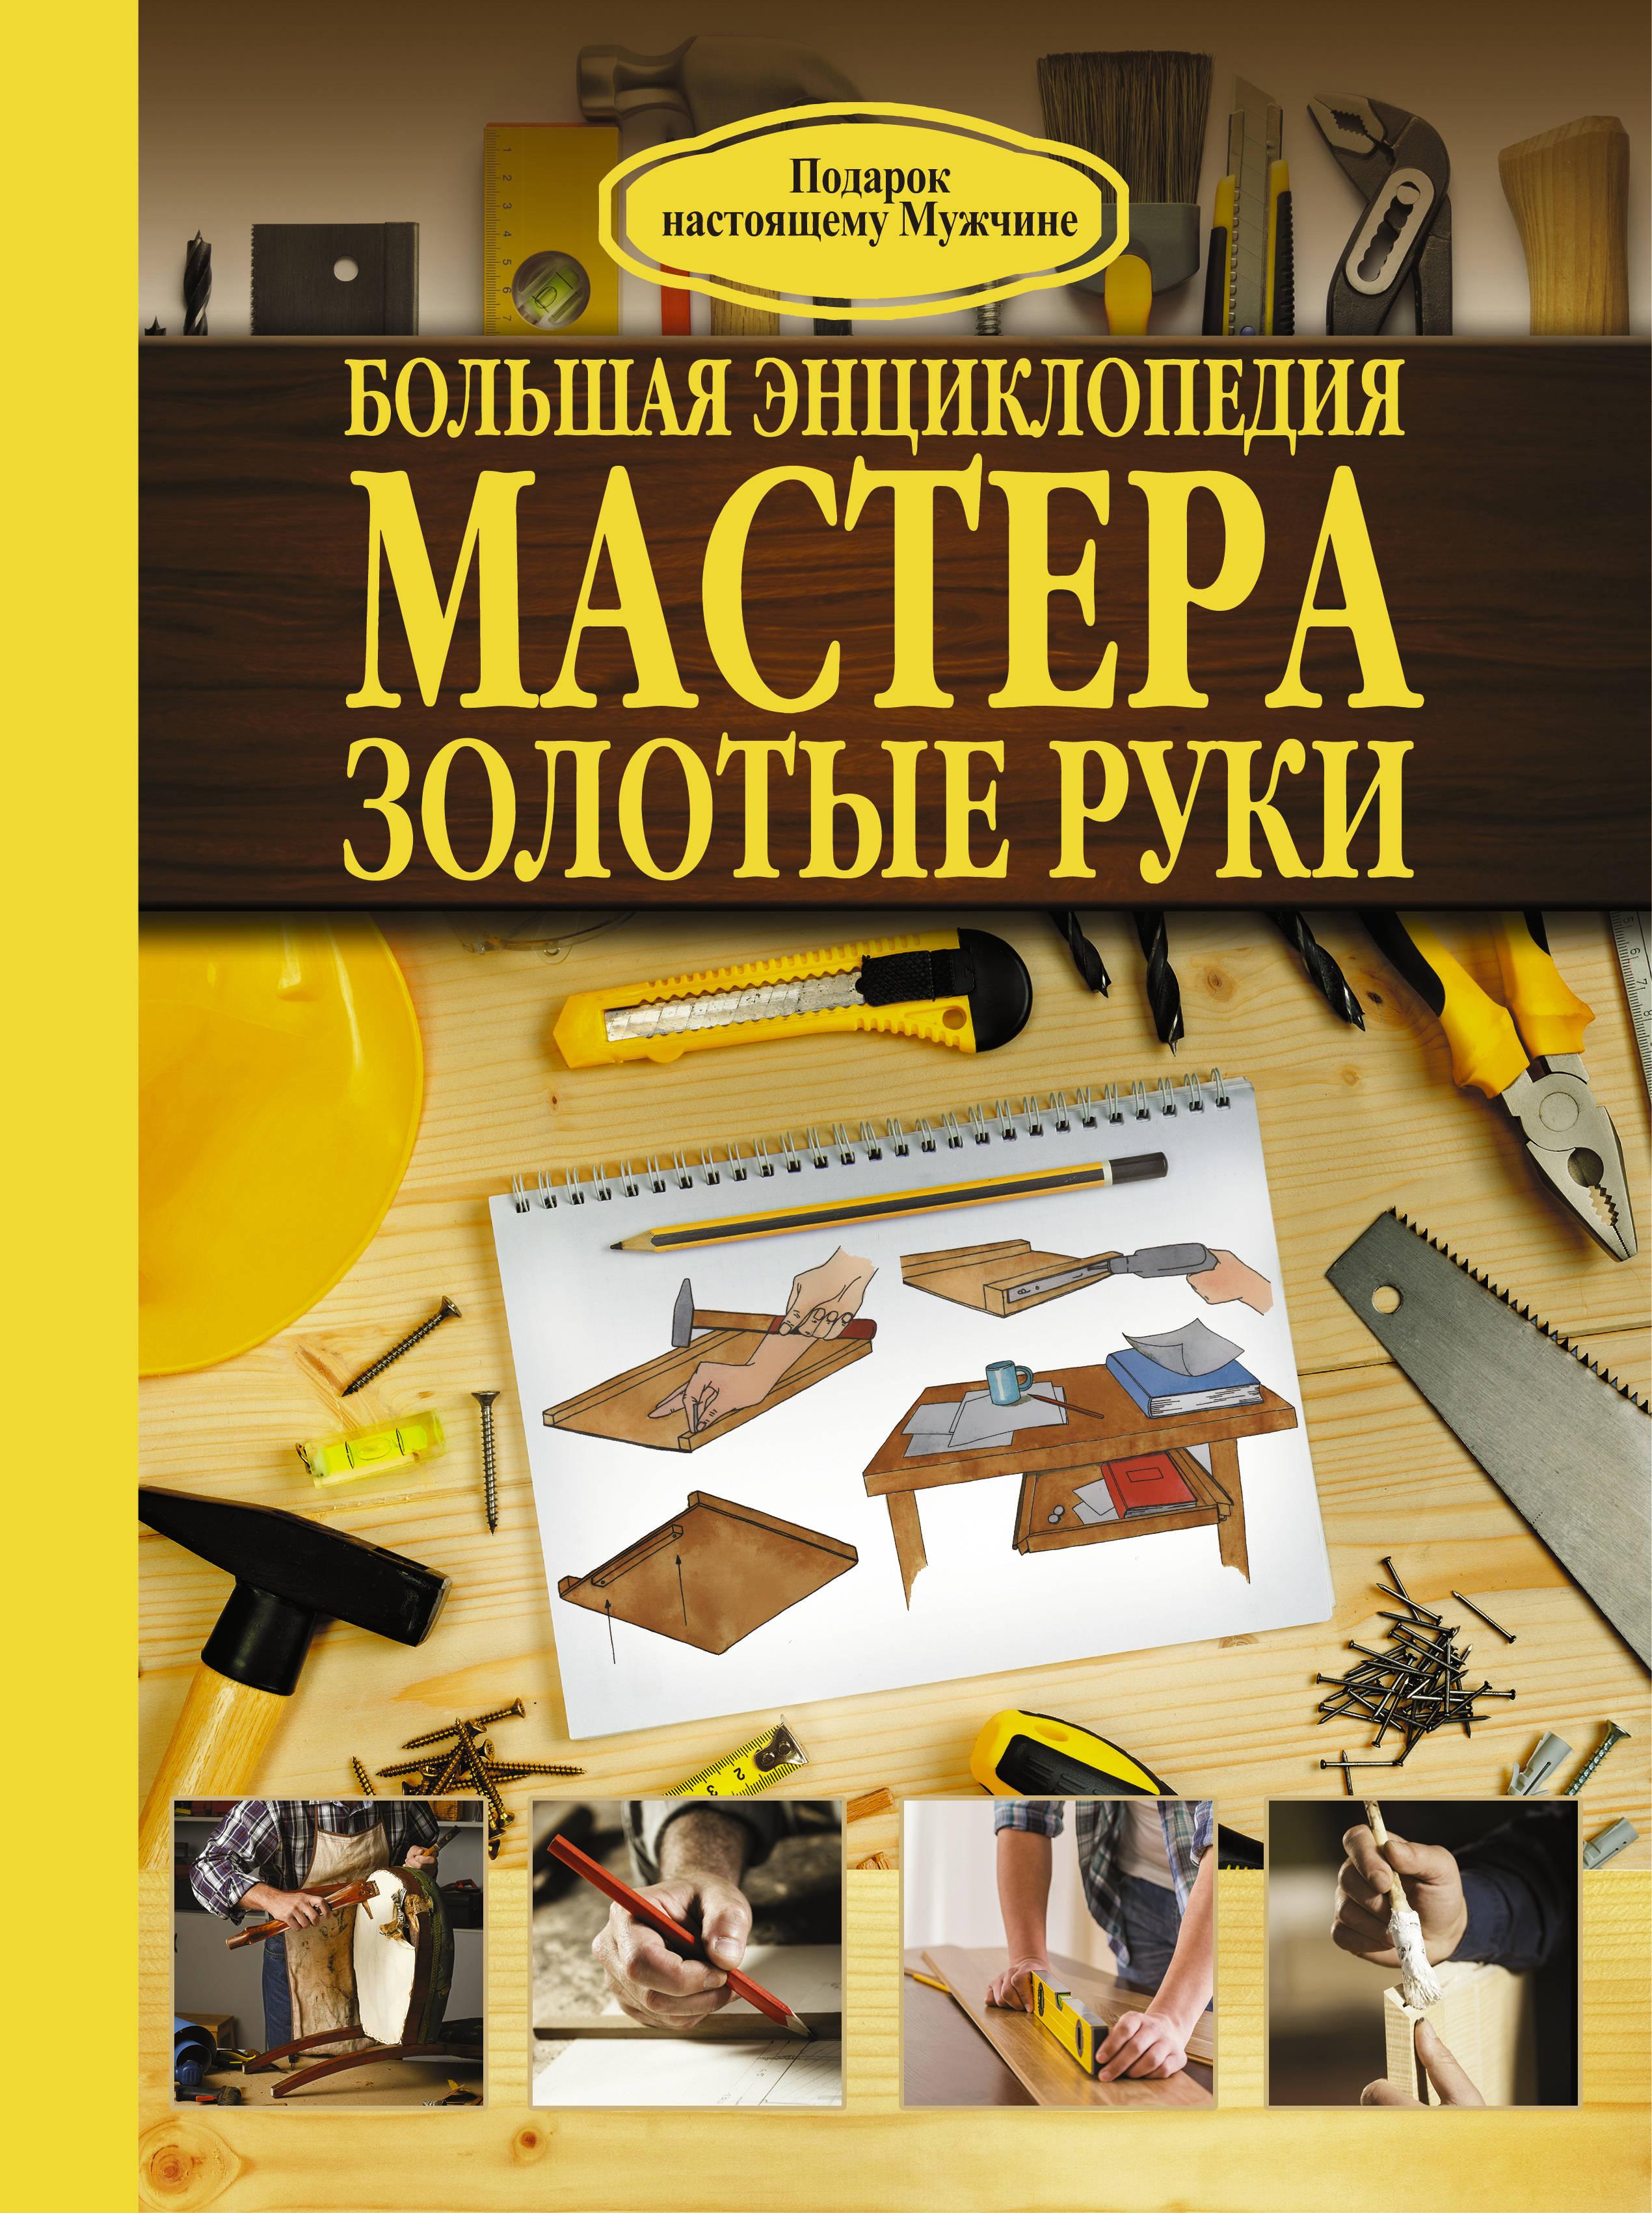 Большая энциклопедия мастера золотые руки ( Джеймсон Р.  )